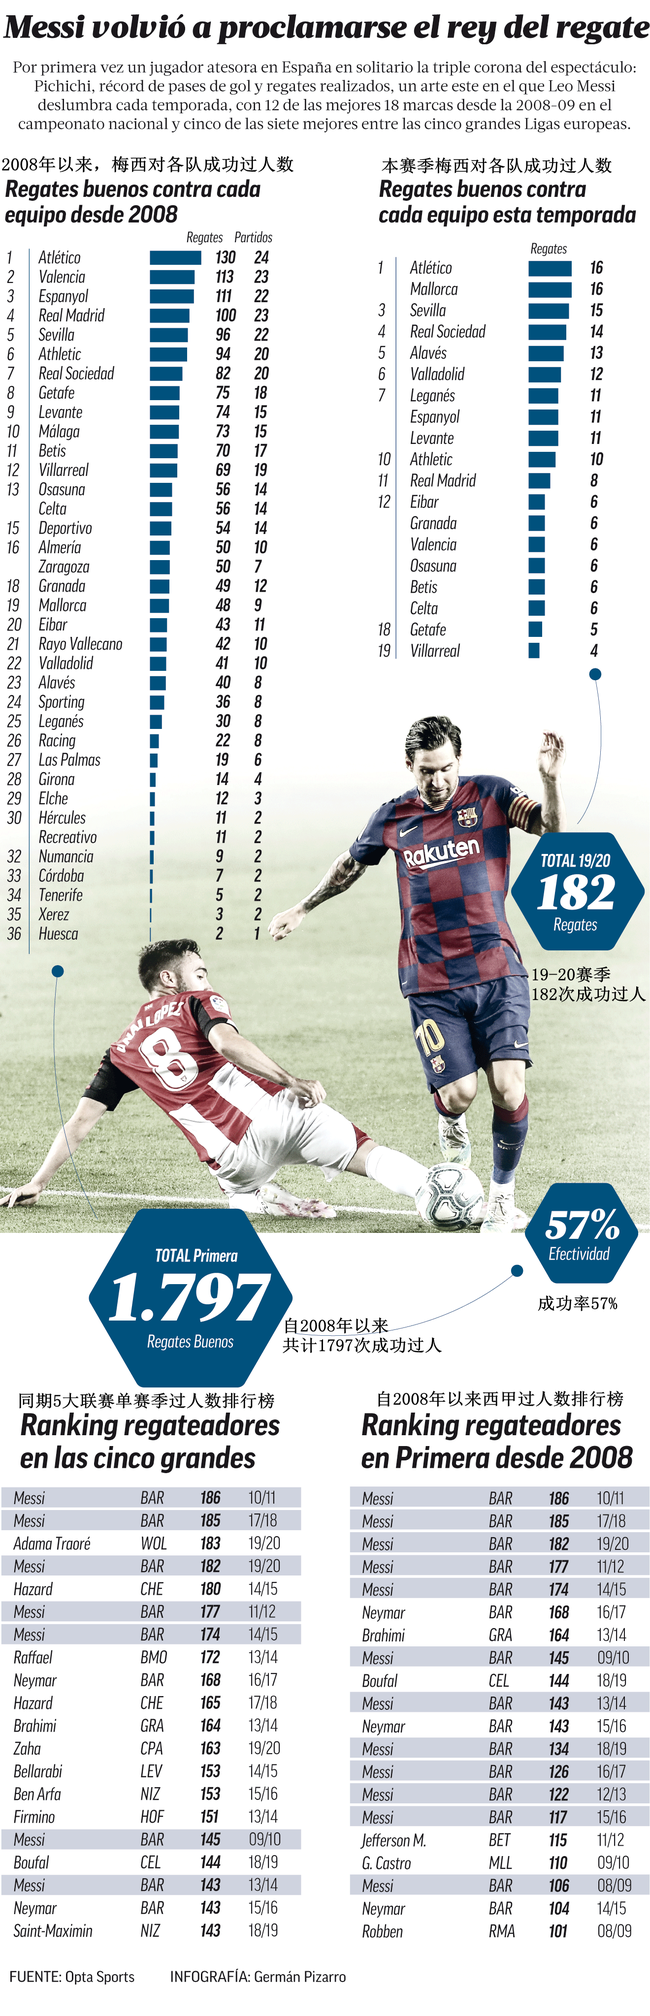 近12个赛季梅西详细过人数据